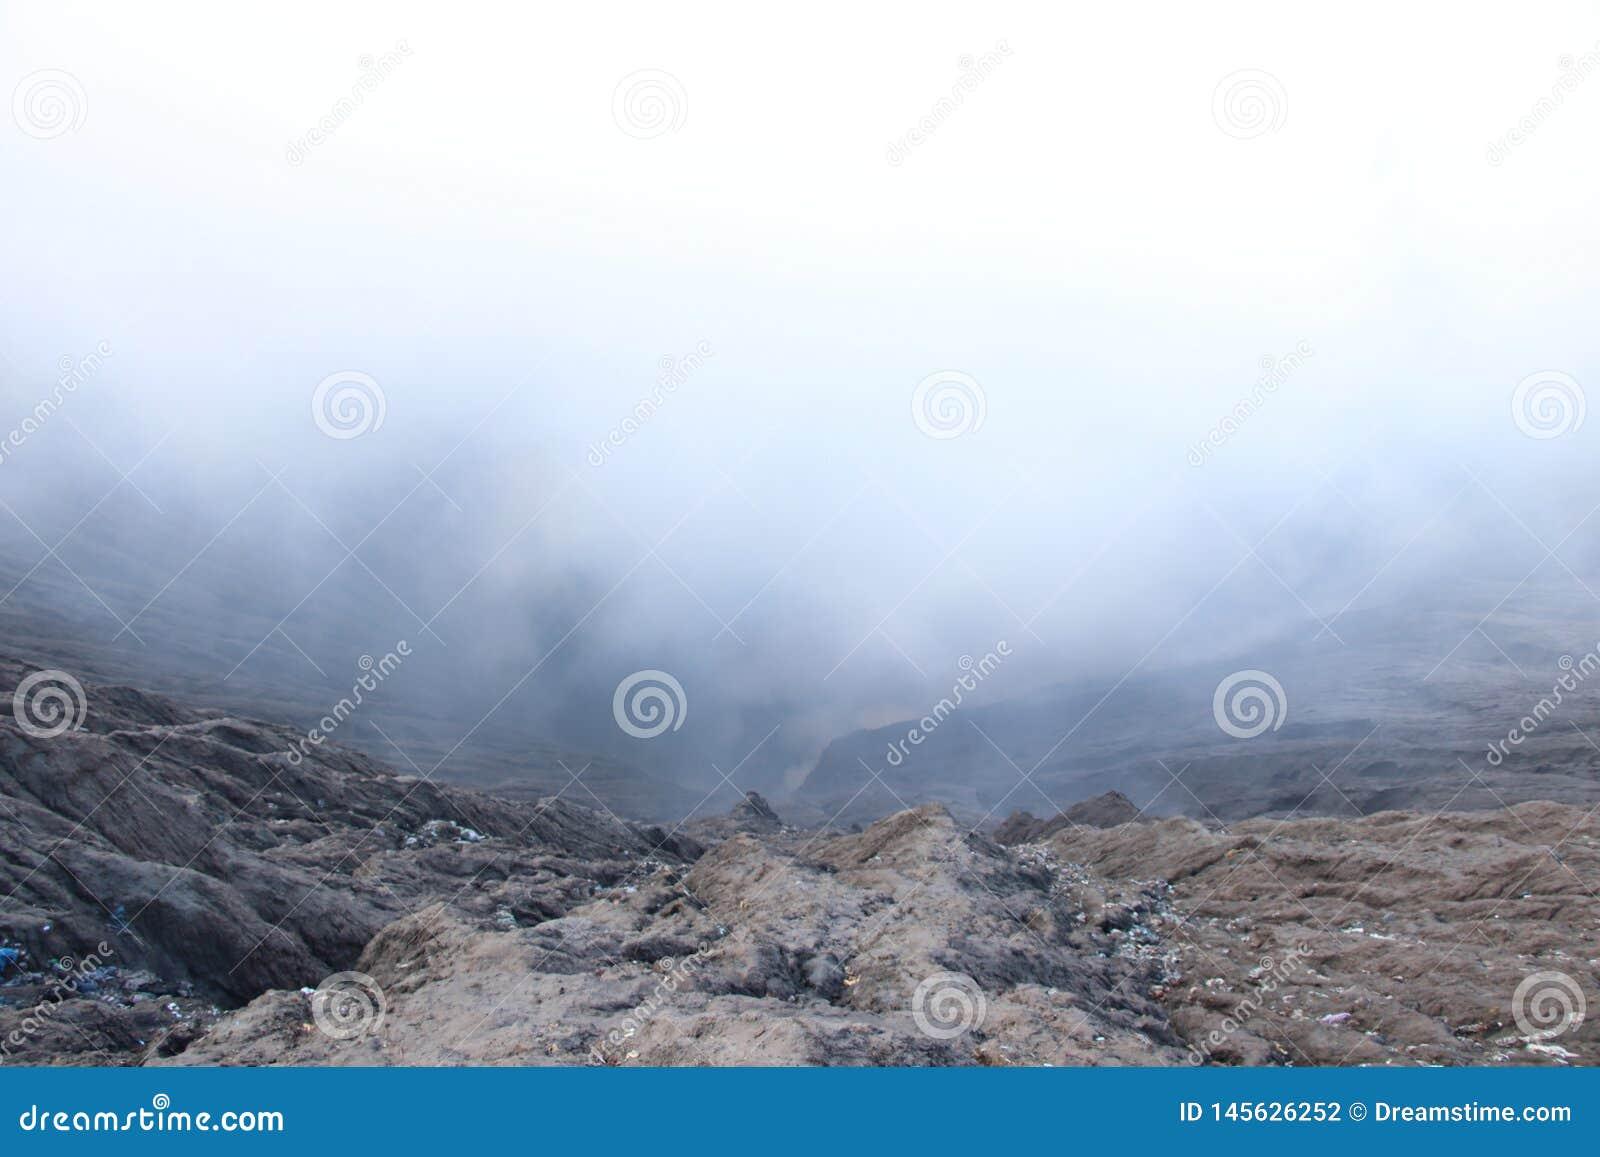 Niebla con humo en el cráter